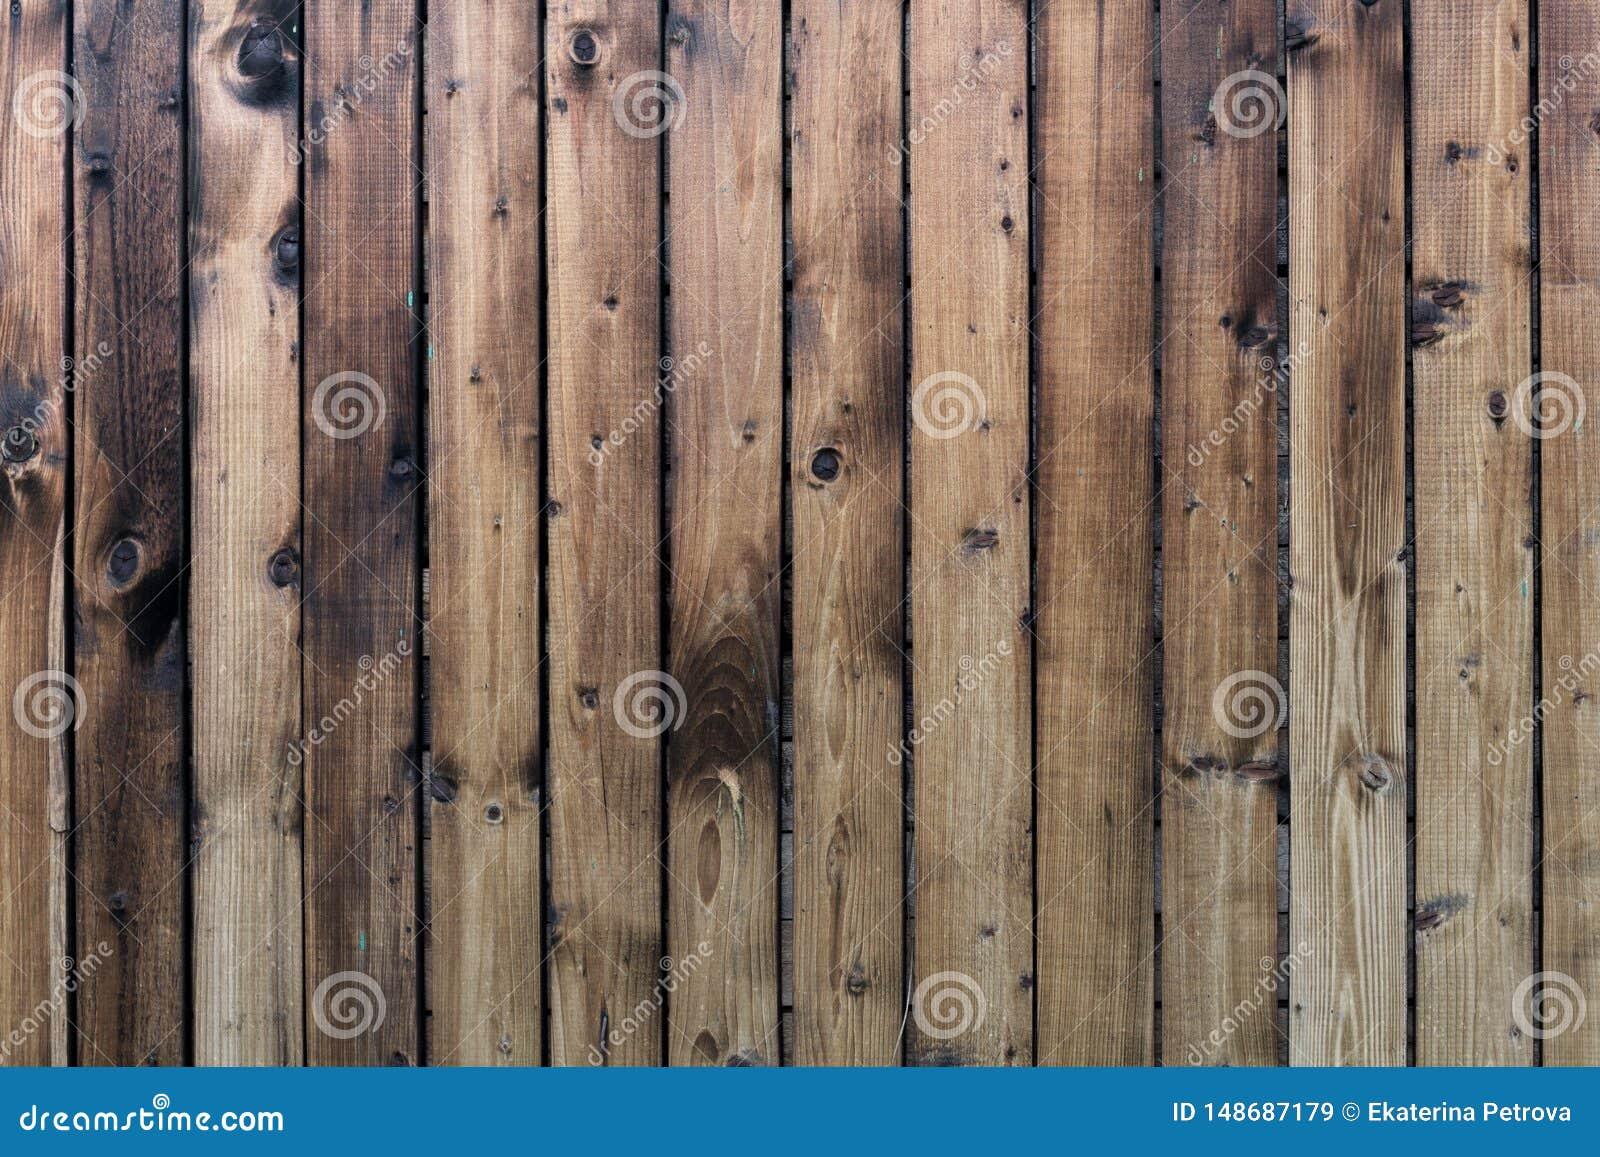 Текстура пожелтетых деревянных планок Деревянная вертикальная загородка желтых доск